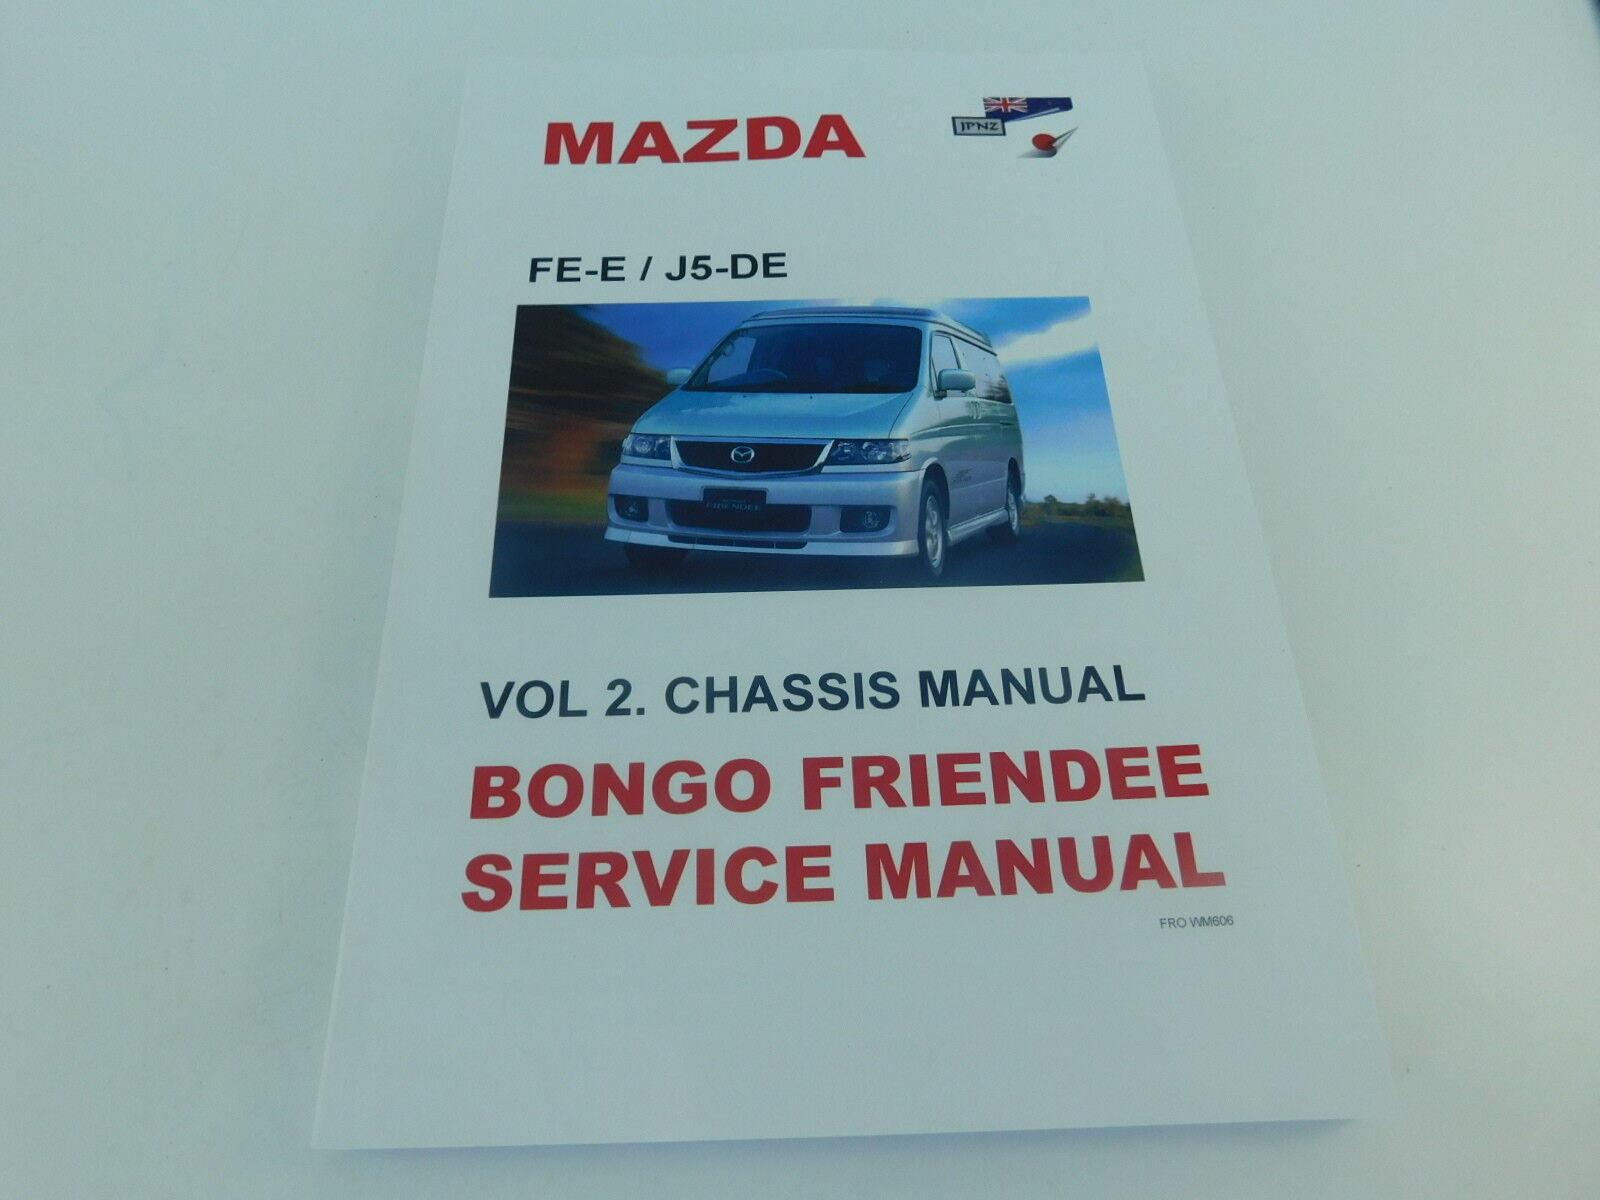 MAZDA Bongo 2.0i//2.5i 1995-2006 WORKSHOP MANUALE DI SERVIZIO gratuito Electrics CD